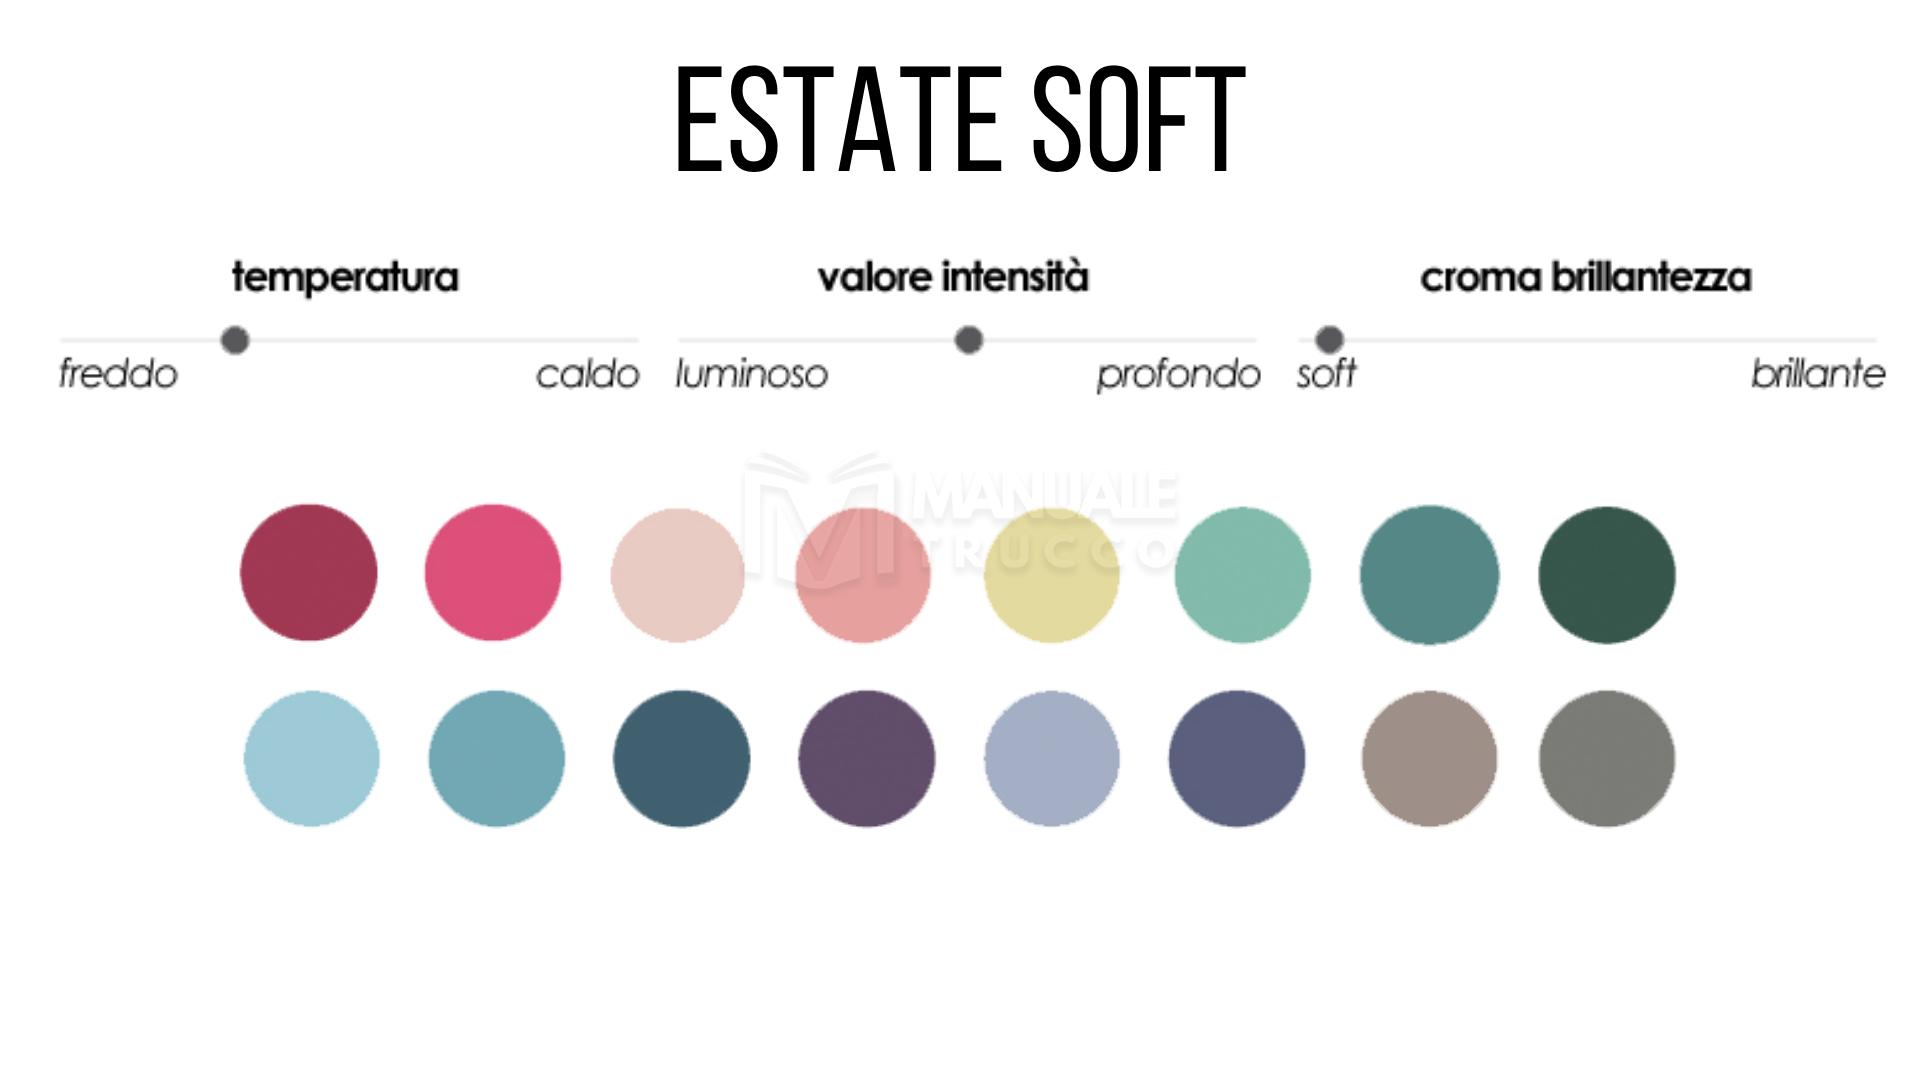 Colori Che Stanno Bene Insieme colori make-up stagione estate soft (esp e esc) - manuale